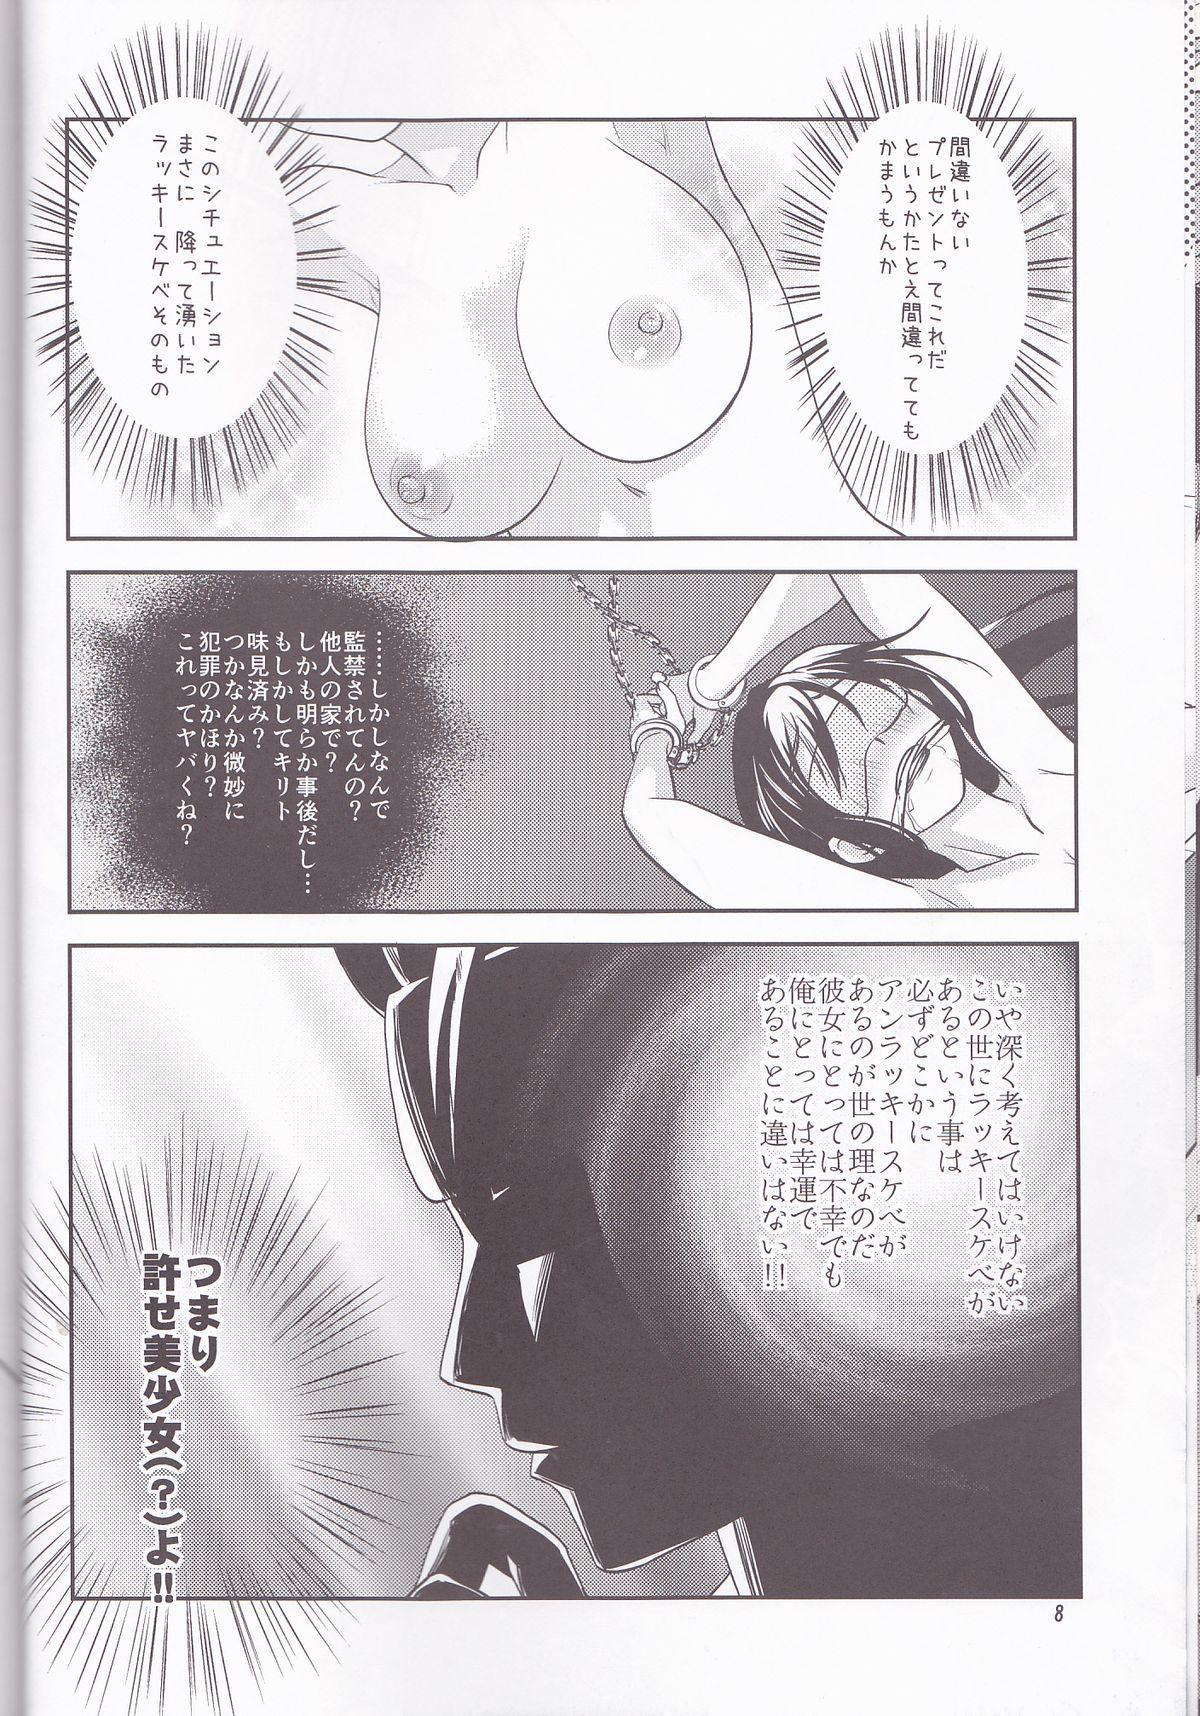 Kirito-kun no shiroku betatsuku nani ka 3 7